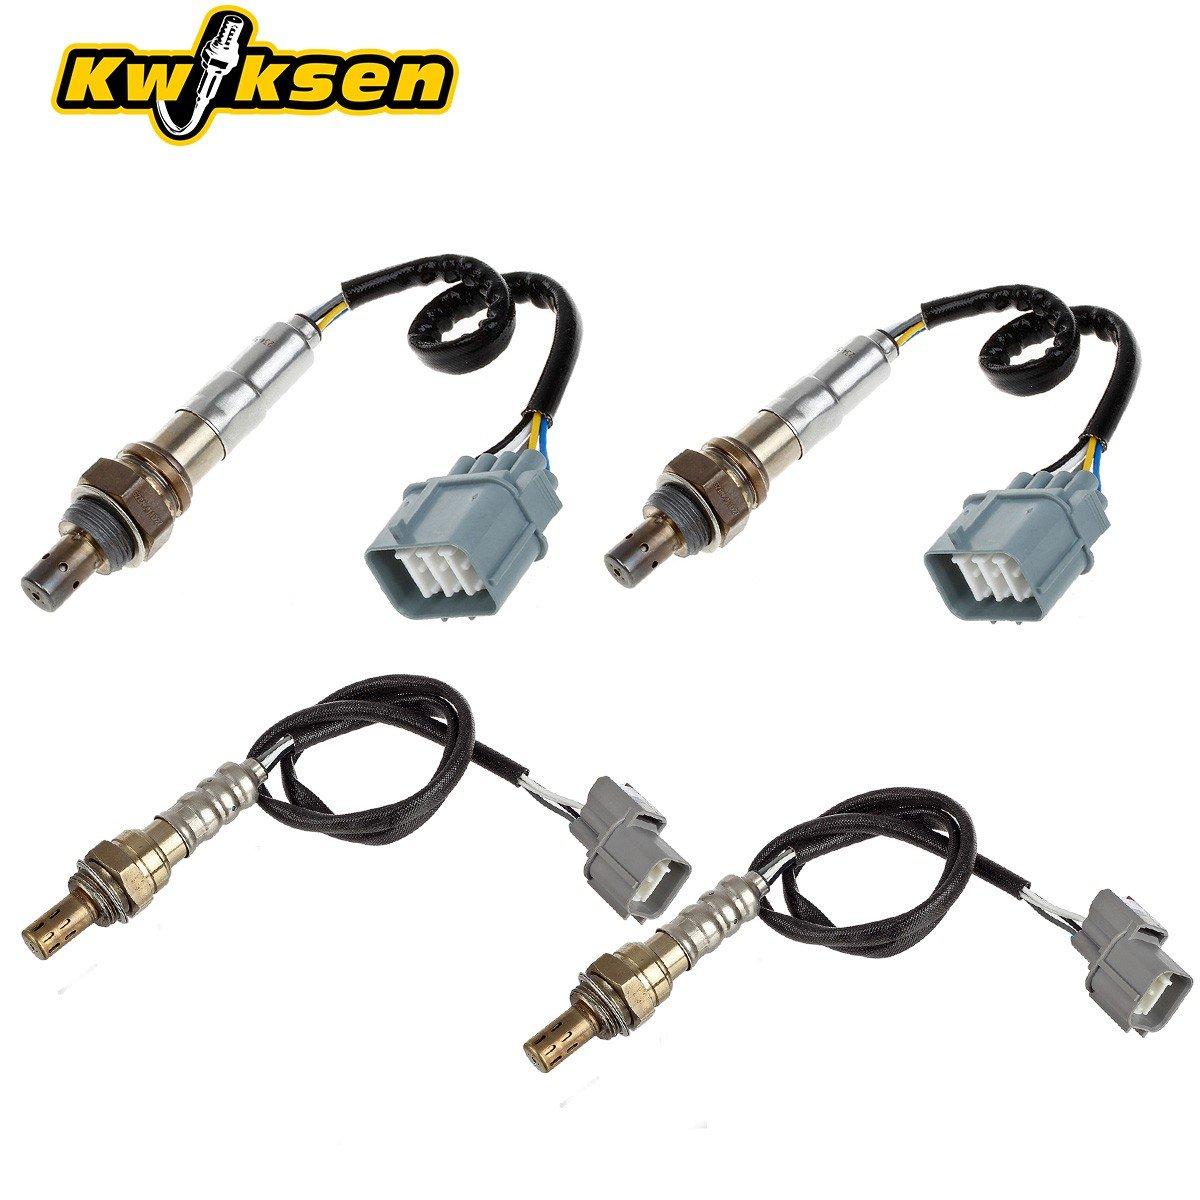 Kwiksen 4pcs Air Fuel Ratio Oxygen Sensor 1 2 Bank 2003 Honda Odyssey 02 Location Upstream Downstream Pre Cat Post For 2007 Accord Ex Lx 30l V6 Auto Trans